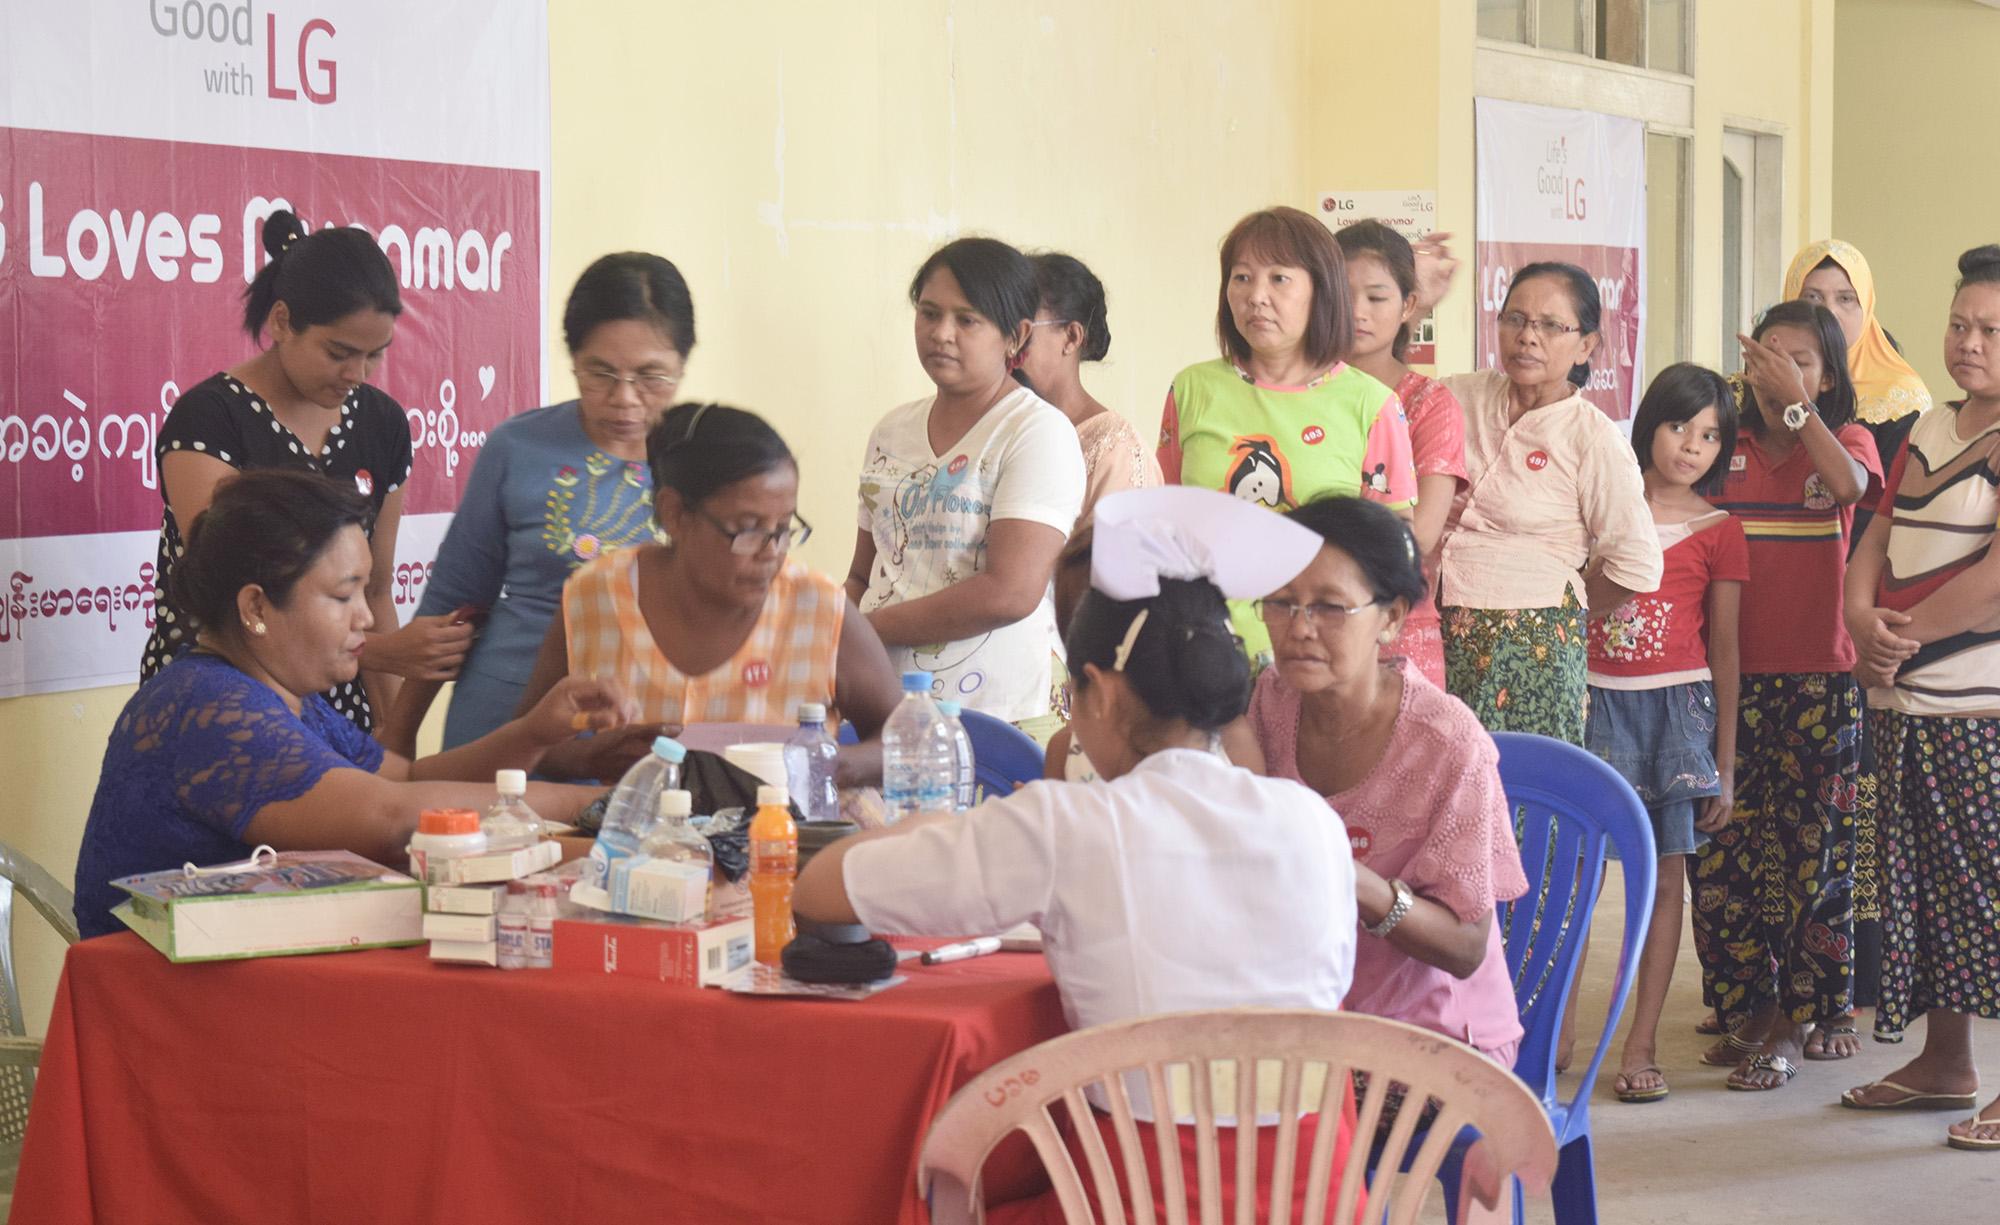 LG전자, 동남아시아 의료시설 낙후지역 순회 무료검진